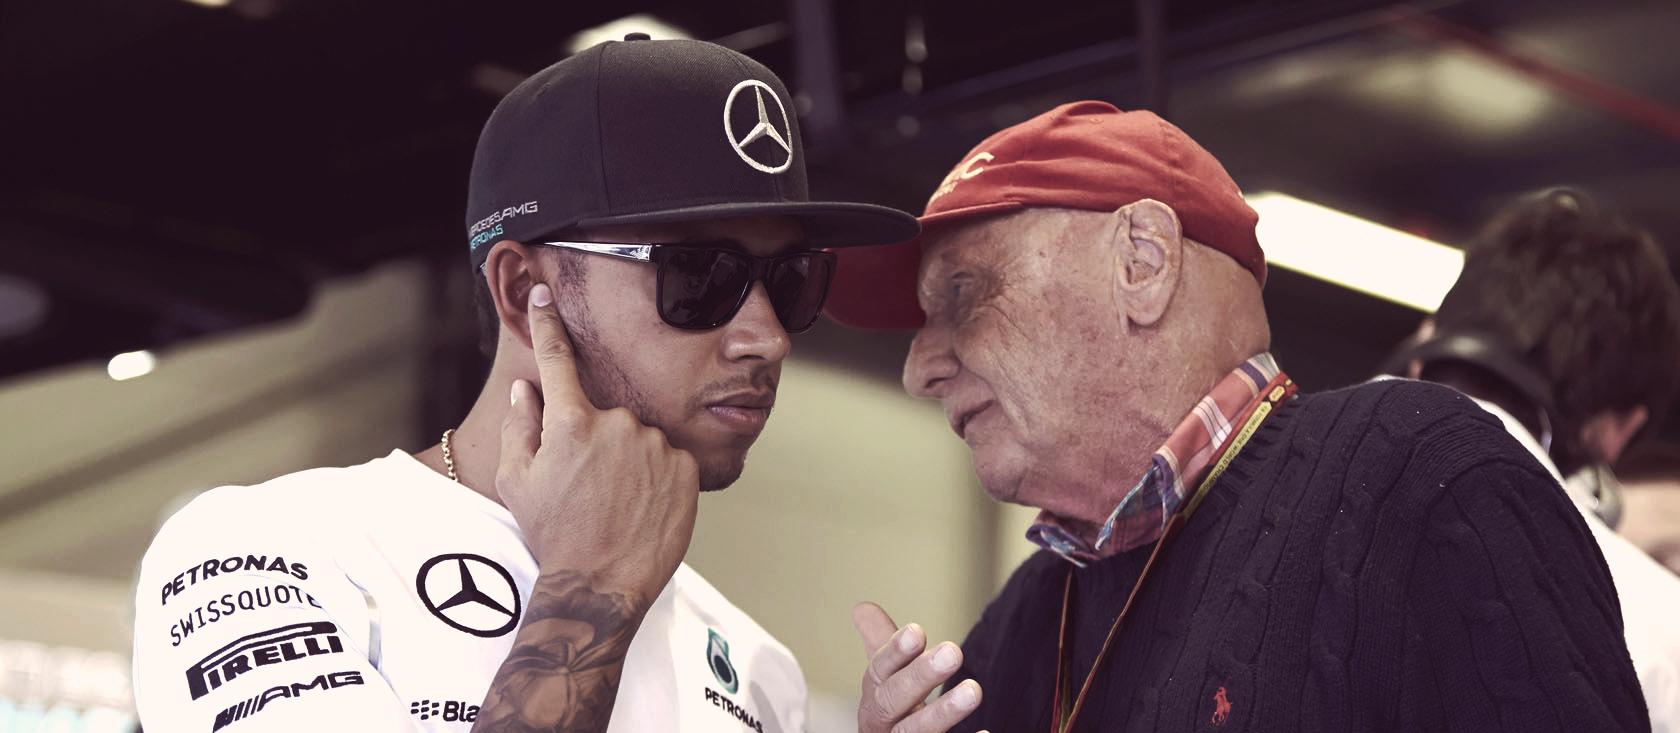 Lewis Hamilton Niki Lauda Mercedes F1 2014